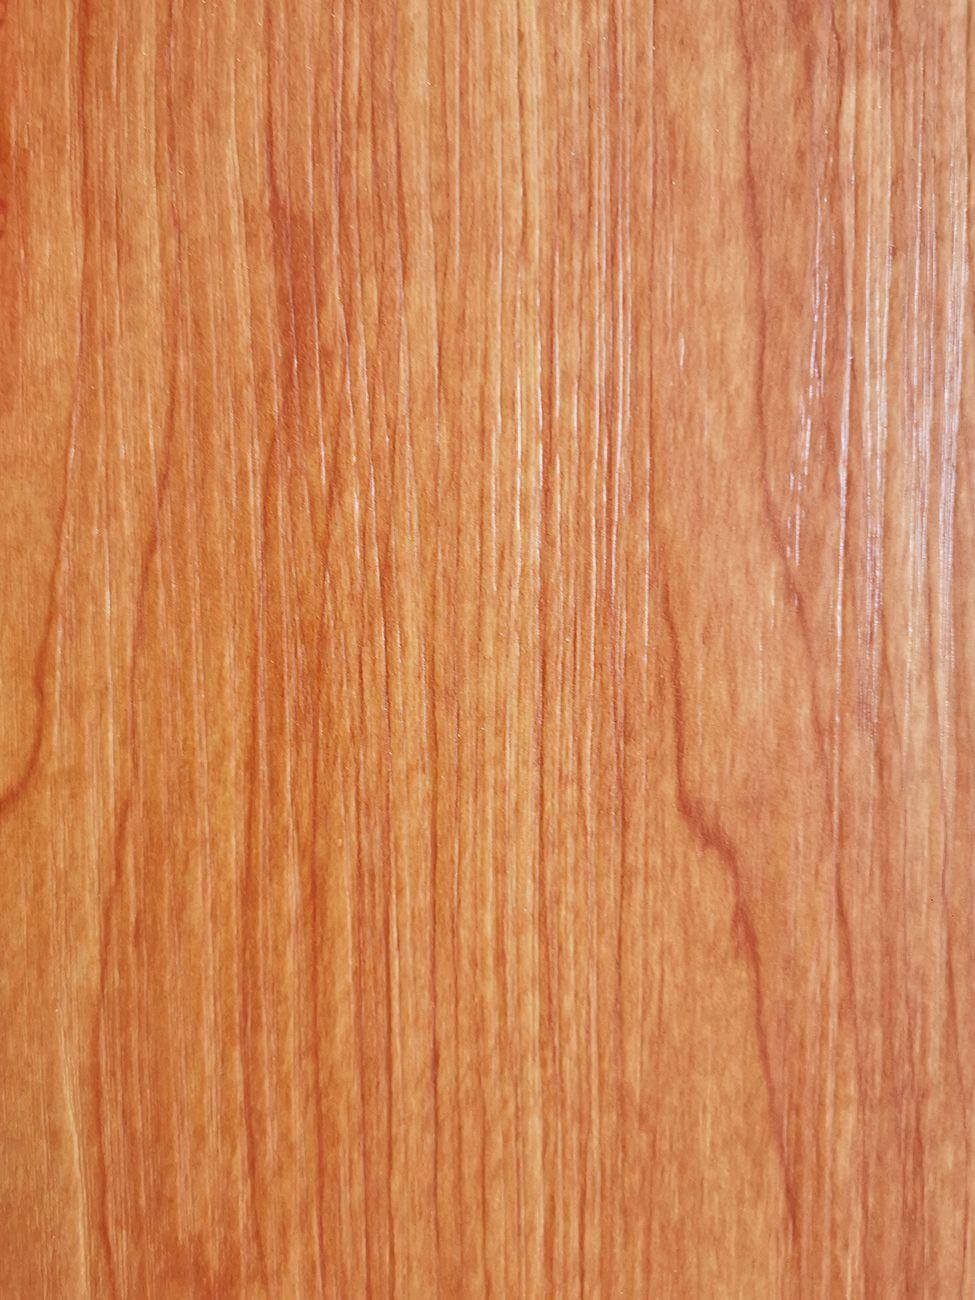 Piso Vinílico SPC - 5 mm - Caixa com 2,196 m²  Madrid